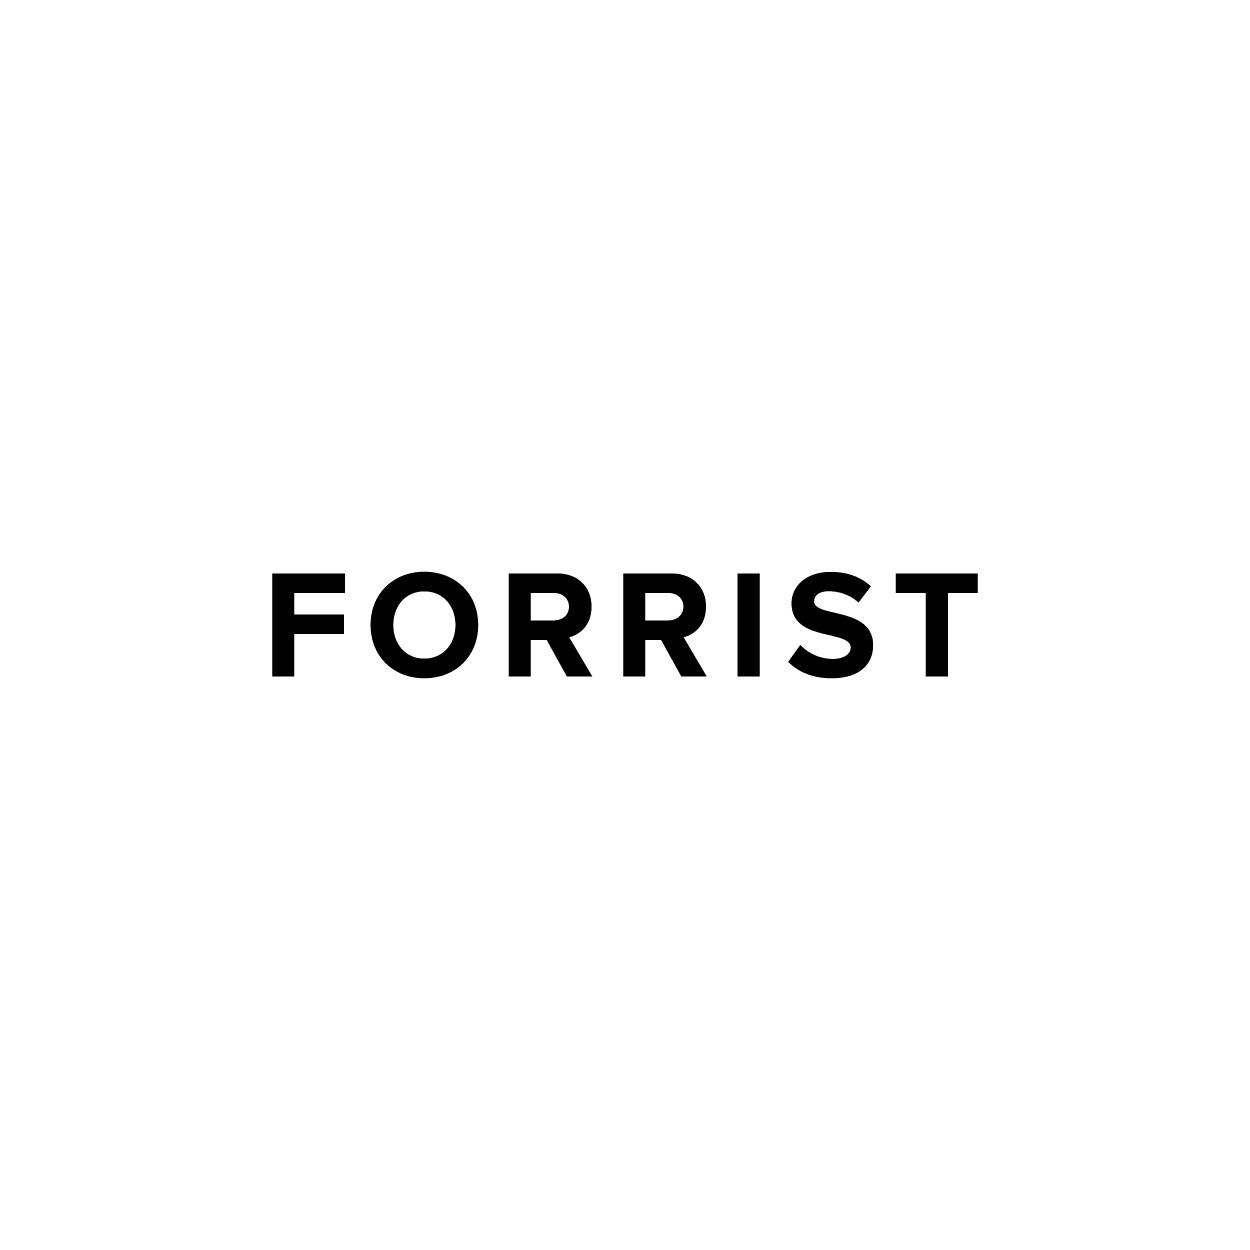 Forrist Logo